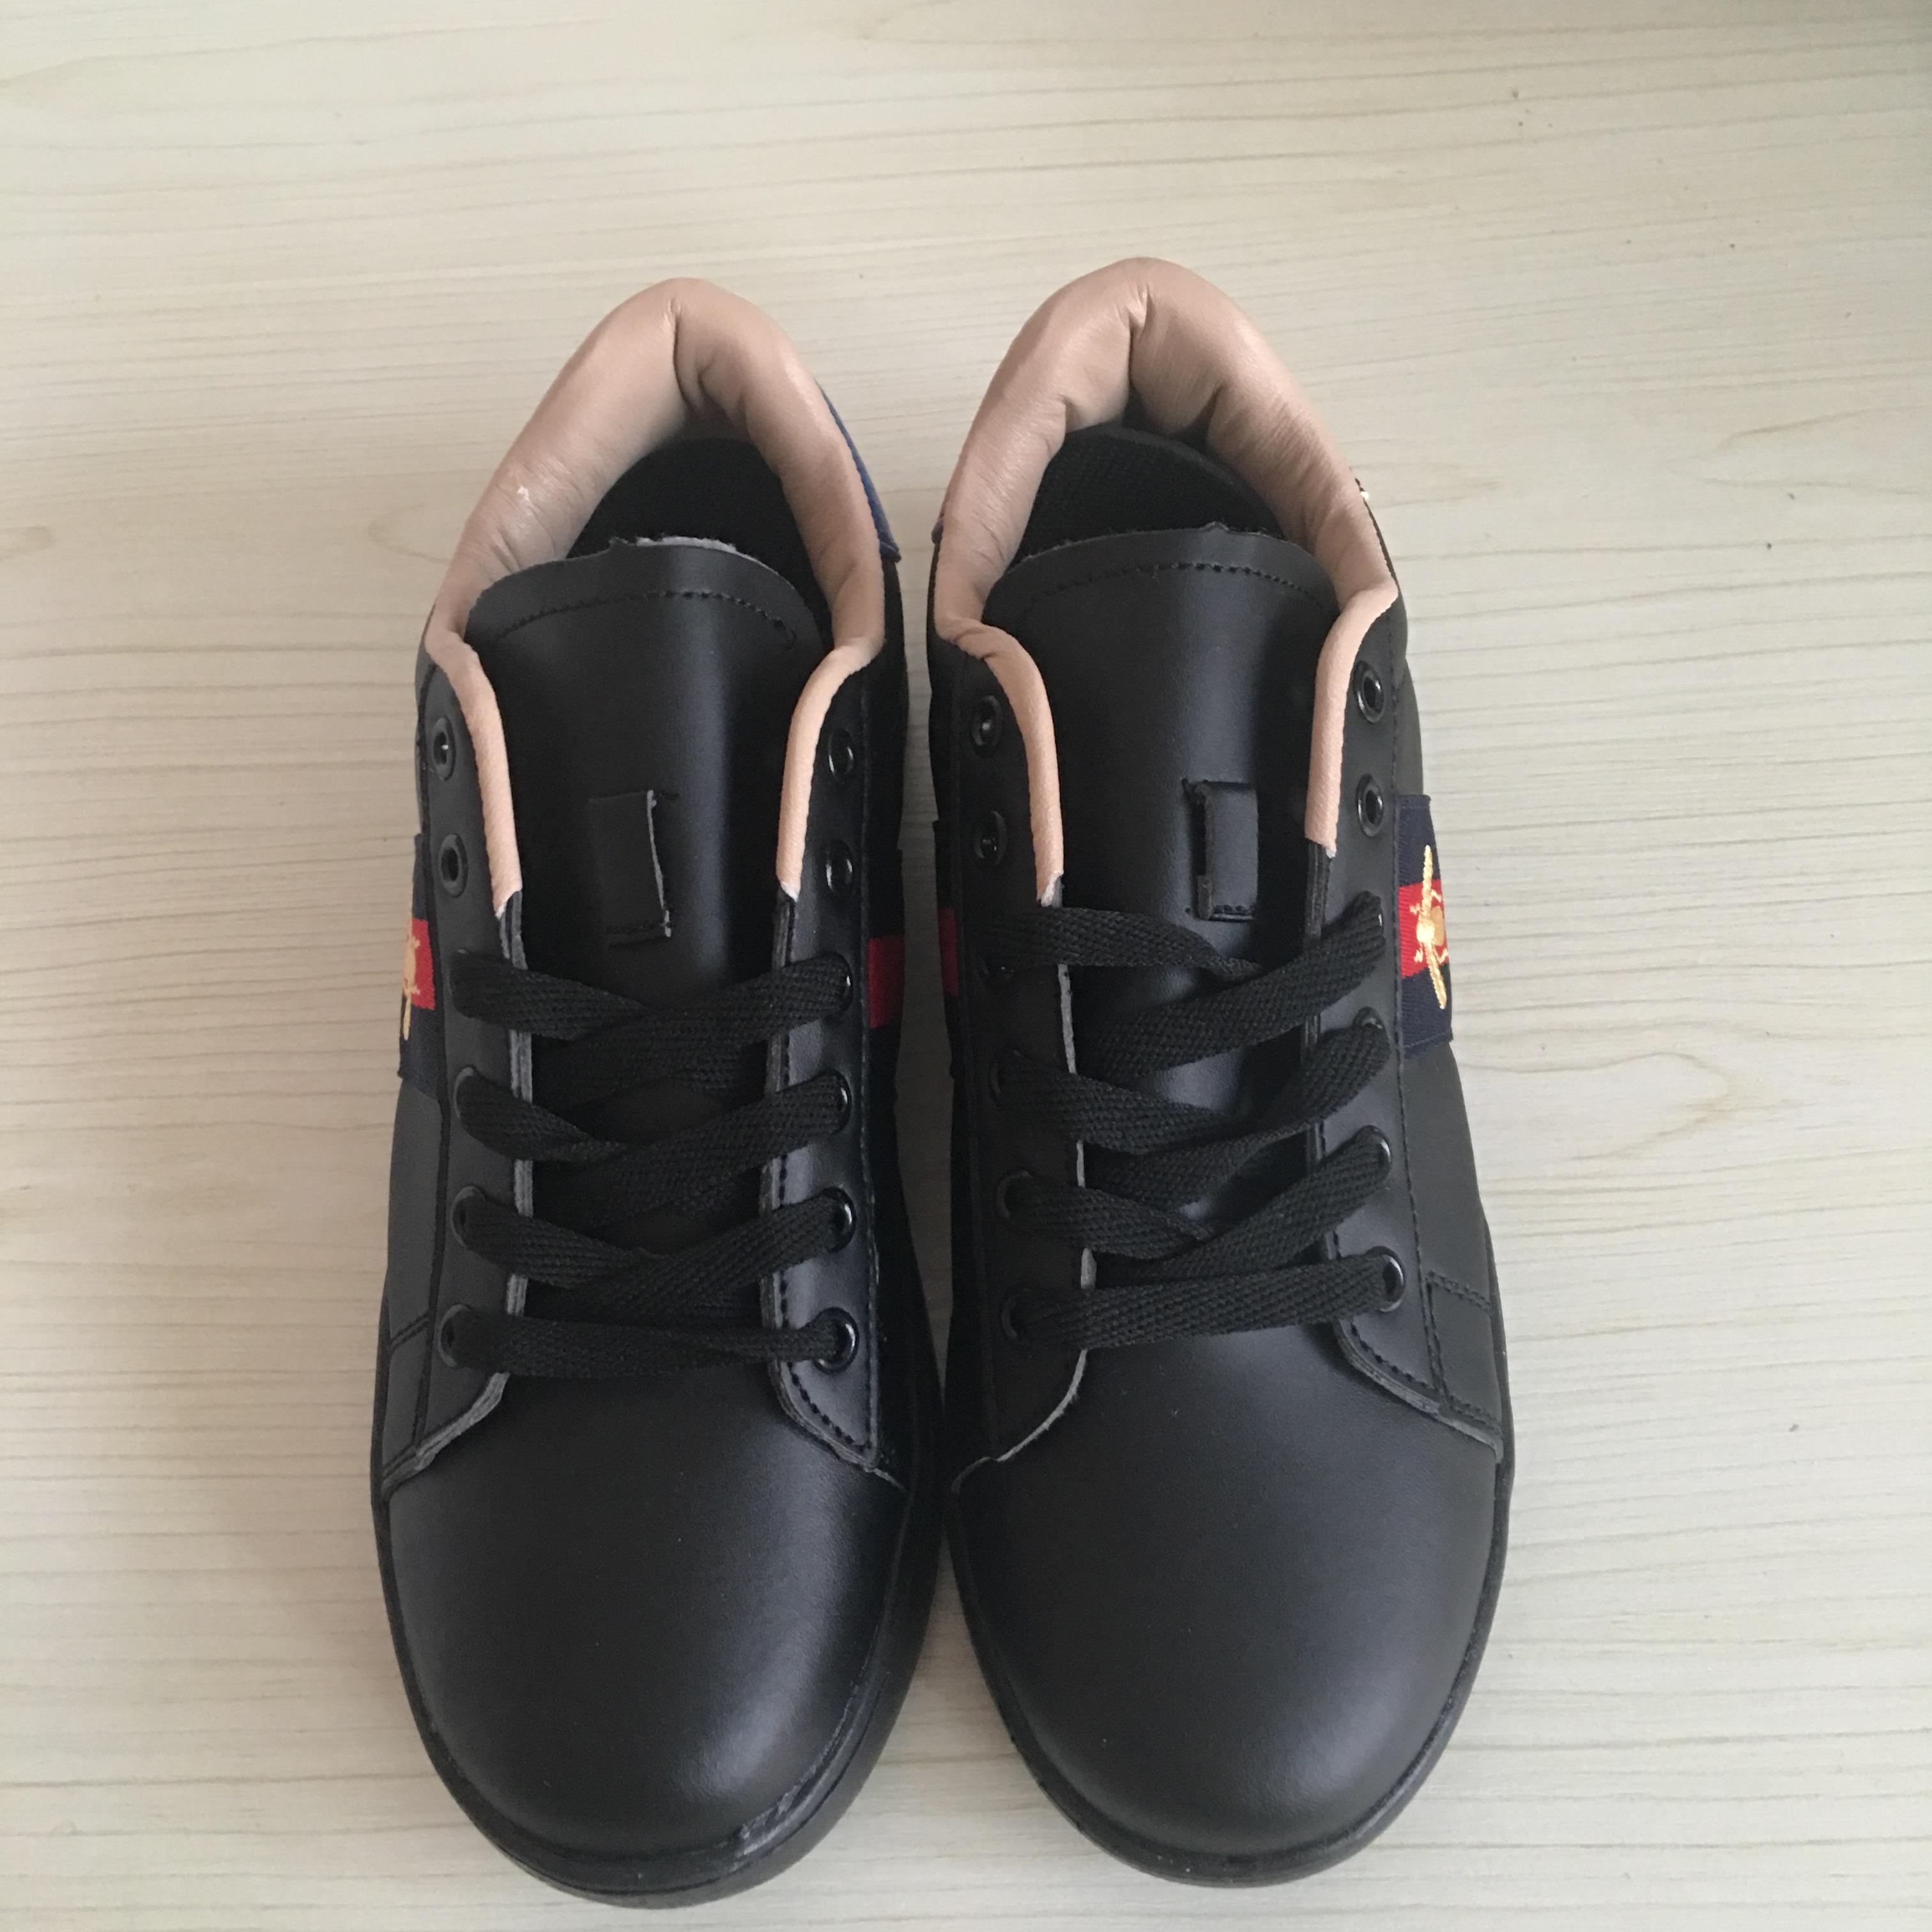 Marque Femmes Casual Abeille Chaussures Plat Luxe Hommes Automne Zapatos Ace Petites Pour Broderie De Mode Blanches Baskets 1JK3TcuFl5